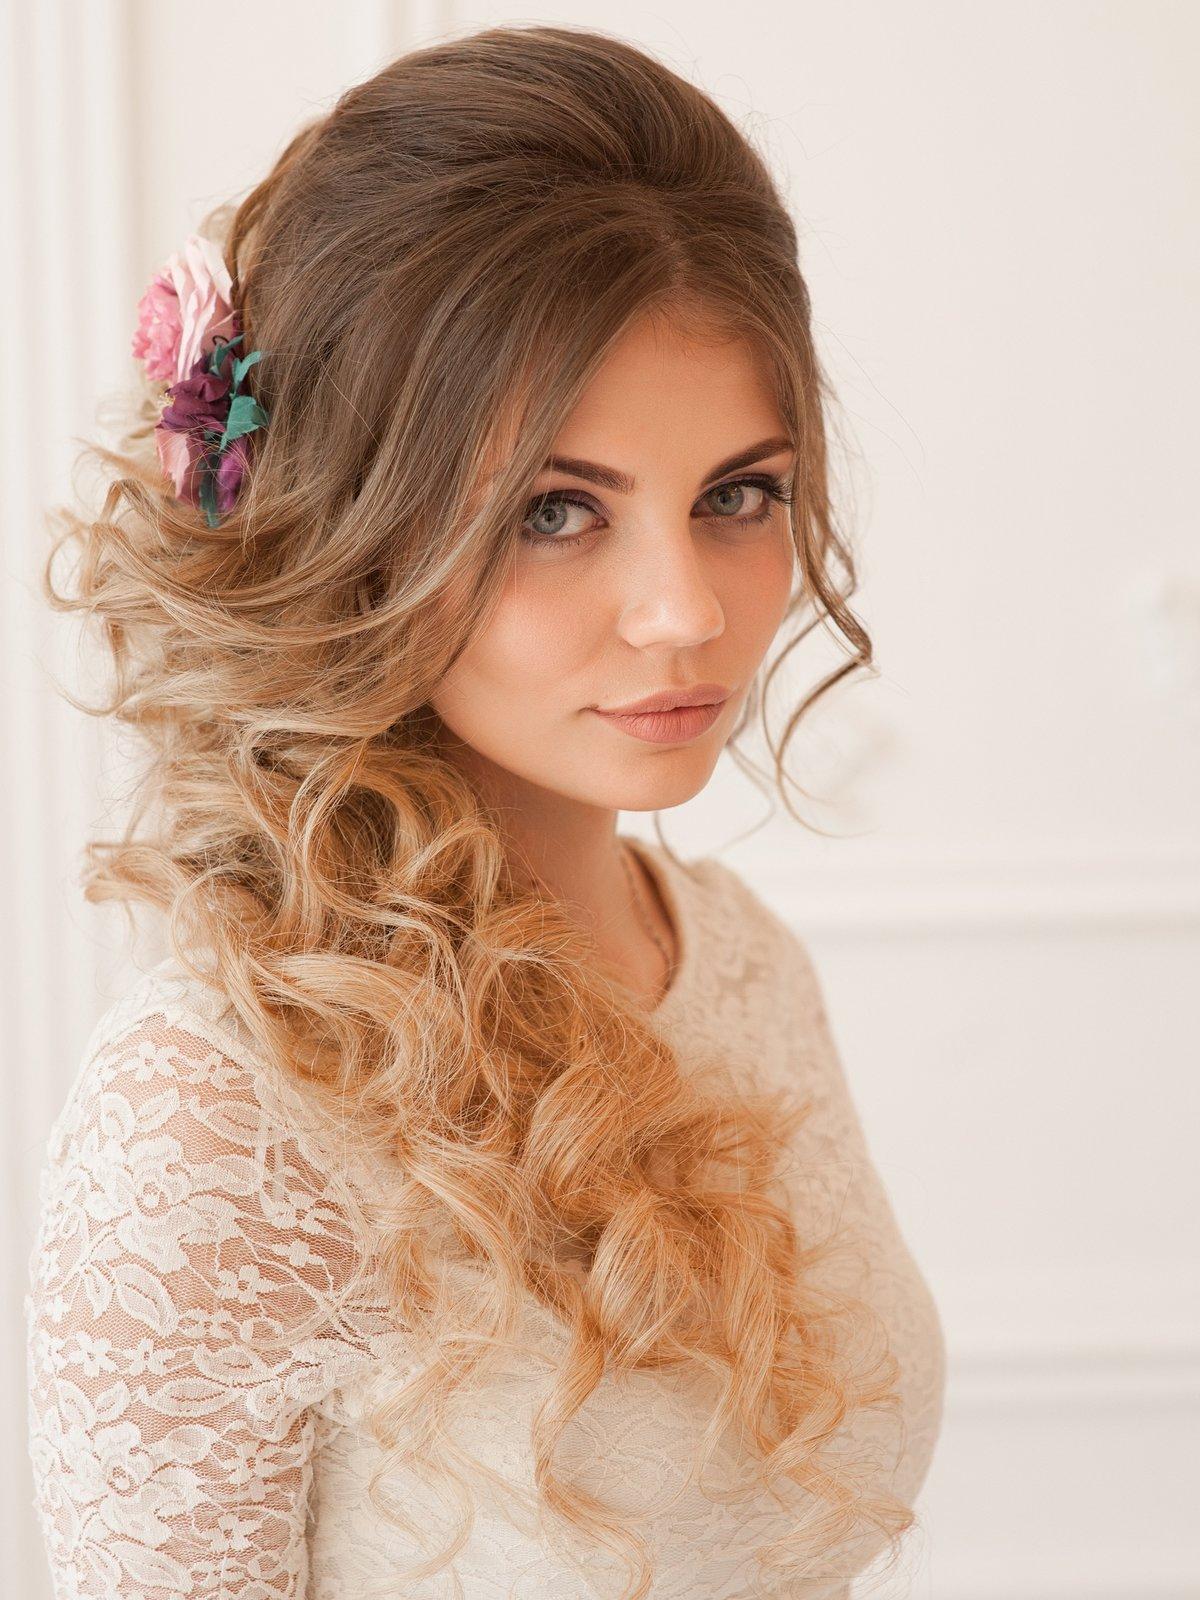 Греческая коса на длинные и средней длины волосы: 5 вариантов причесок с фото